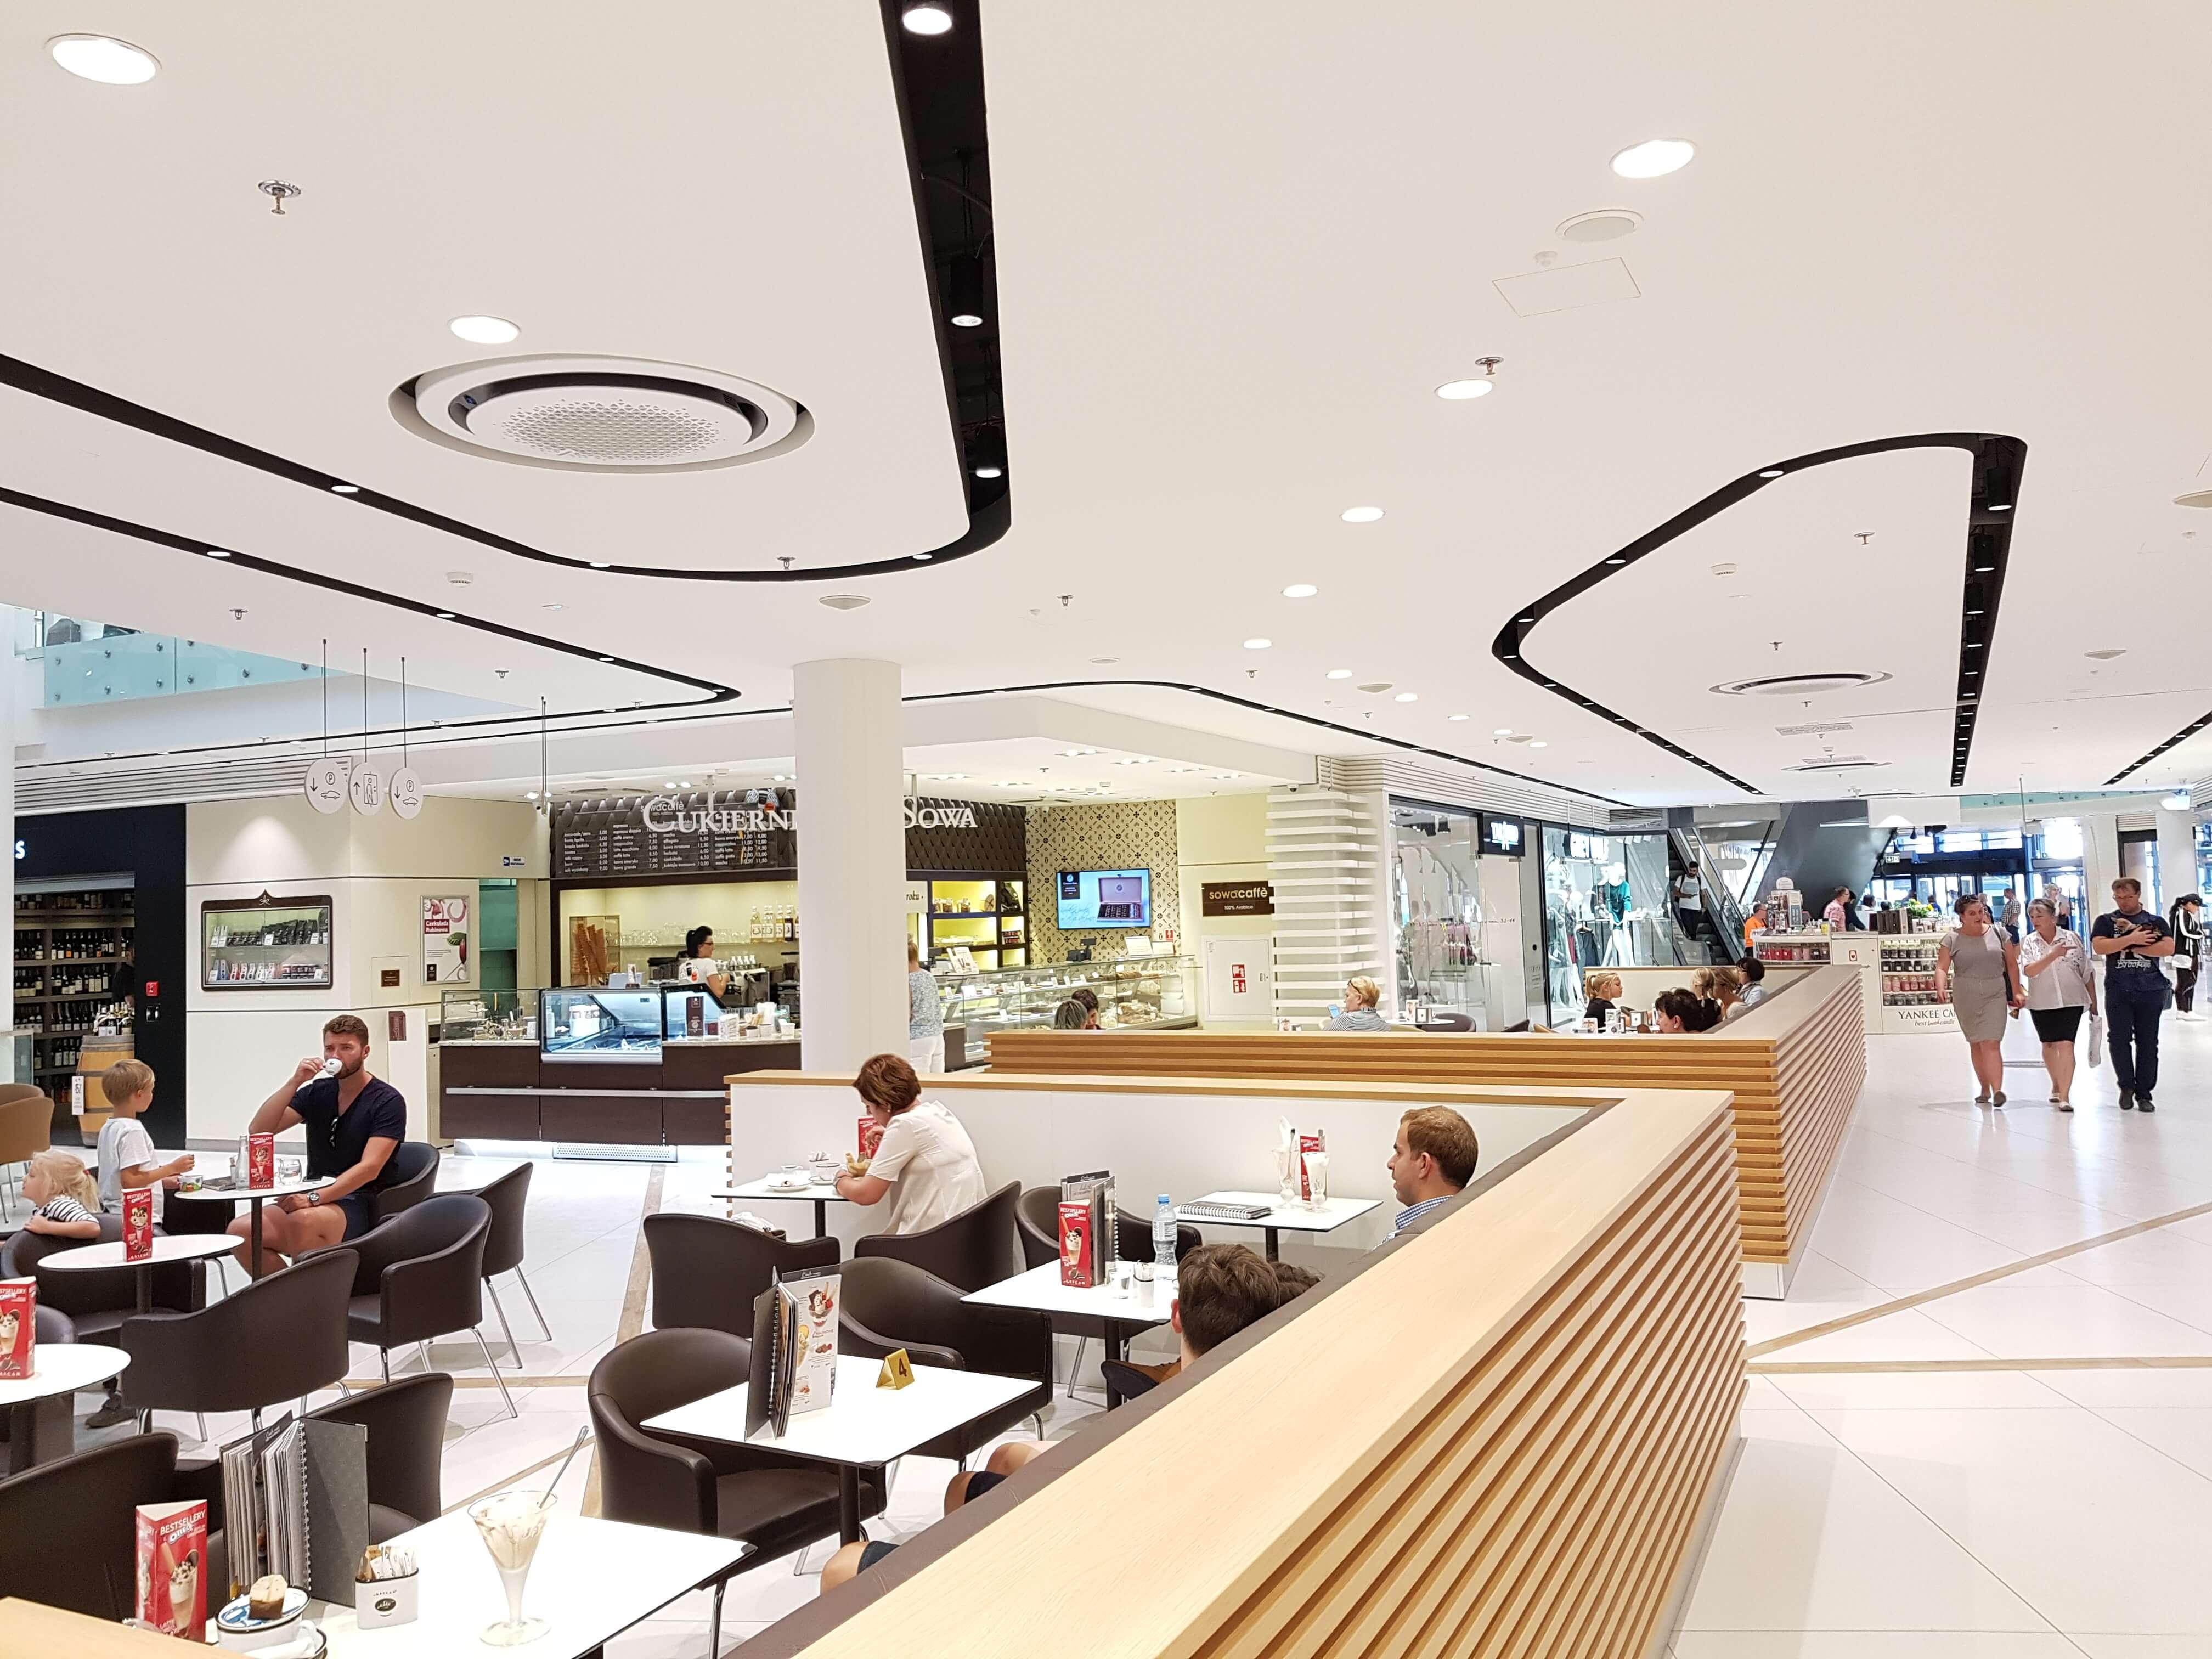 Madison Centrum Handlowe Gdańsk 1 1 - Przedświąteczne szaleństwo zakupów tylko w trójmiejskich centrach handlowych